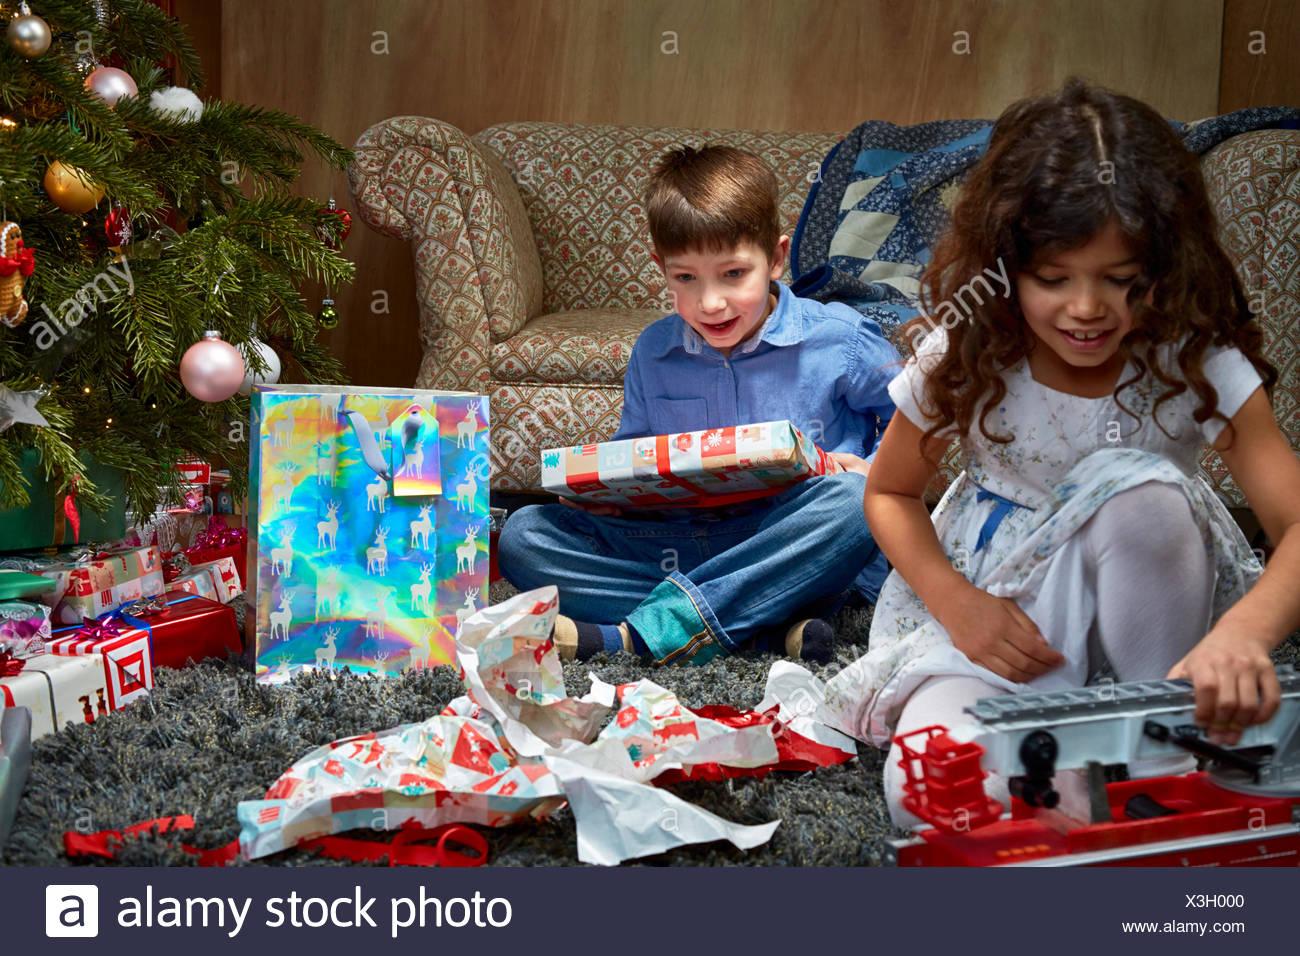 Sorella e fratello nel salotto di unwrapping e giocando con i regali di natale Foto Stock